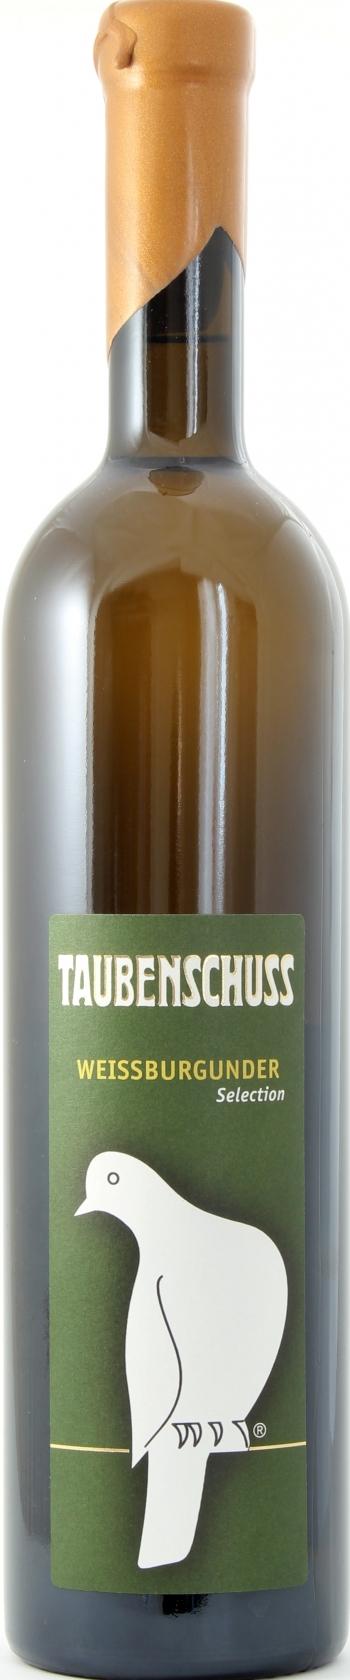 Weißburgunder Selection Taubenschuß 2011